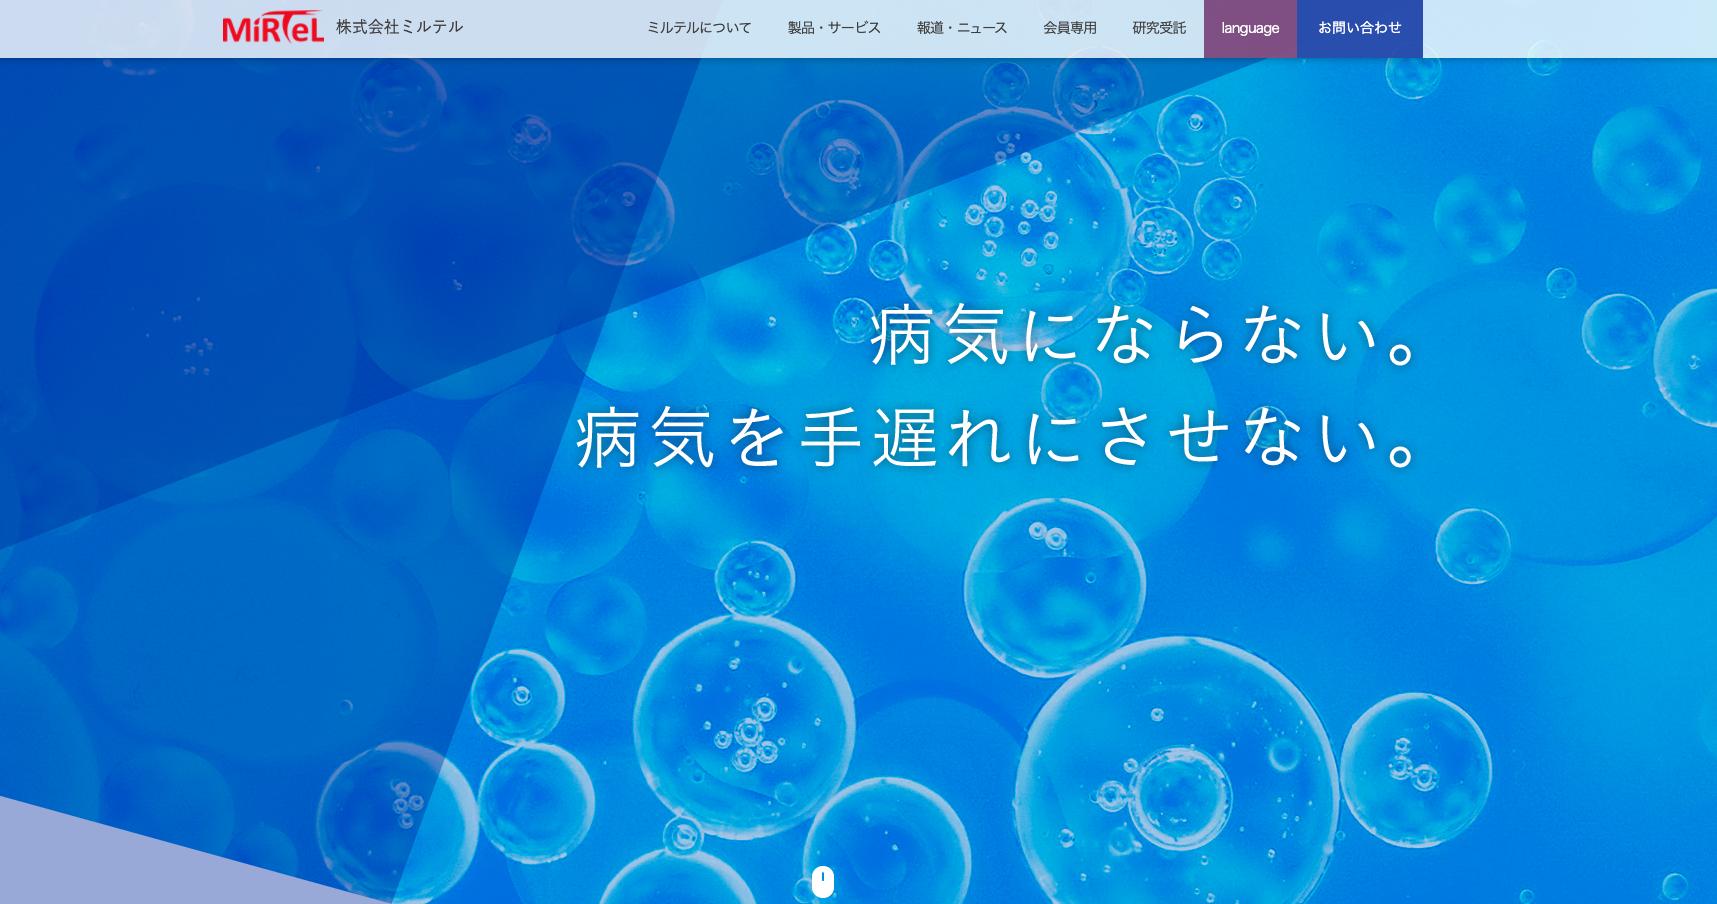 大学発ベンチャーの「起源」(9)  ミルテル